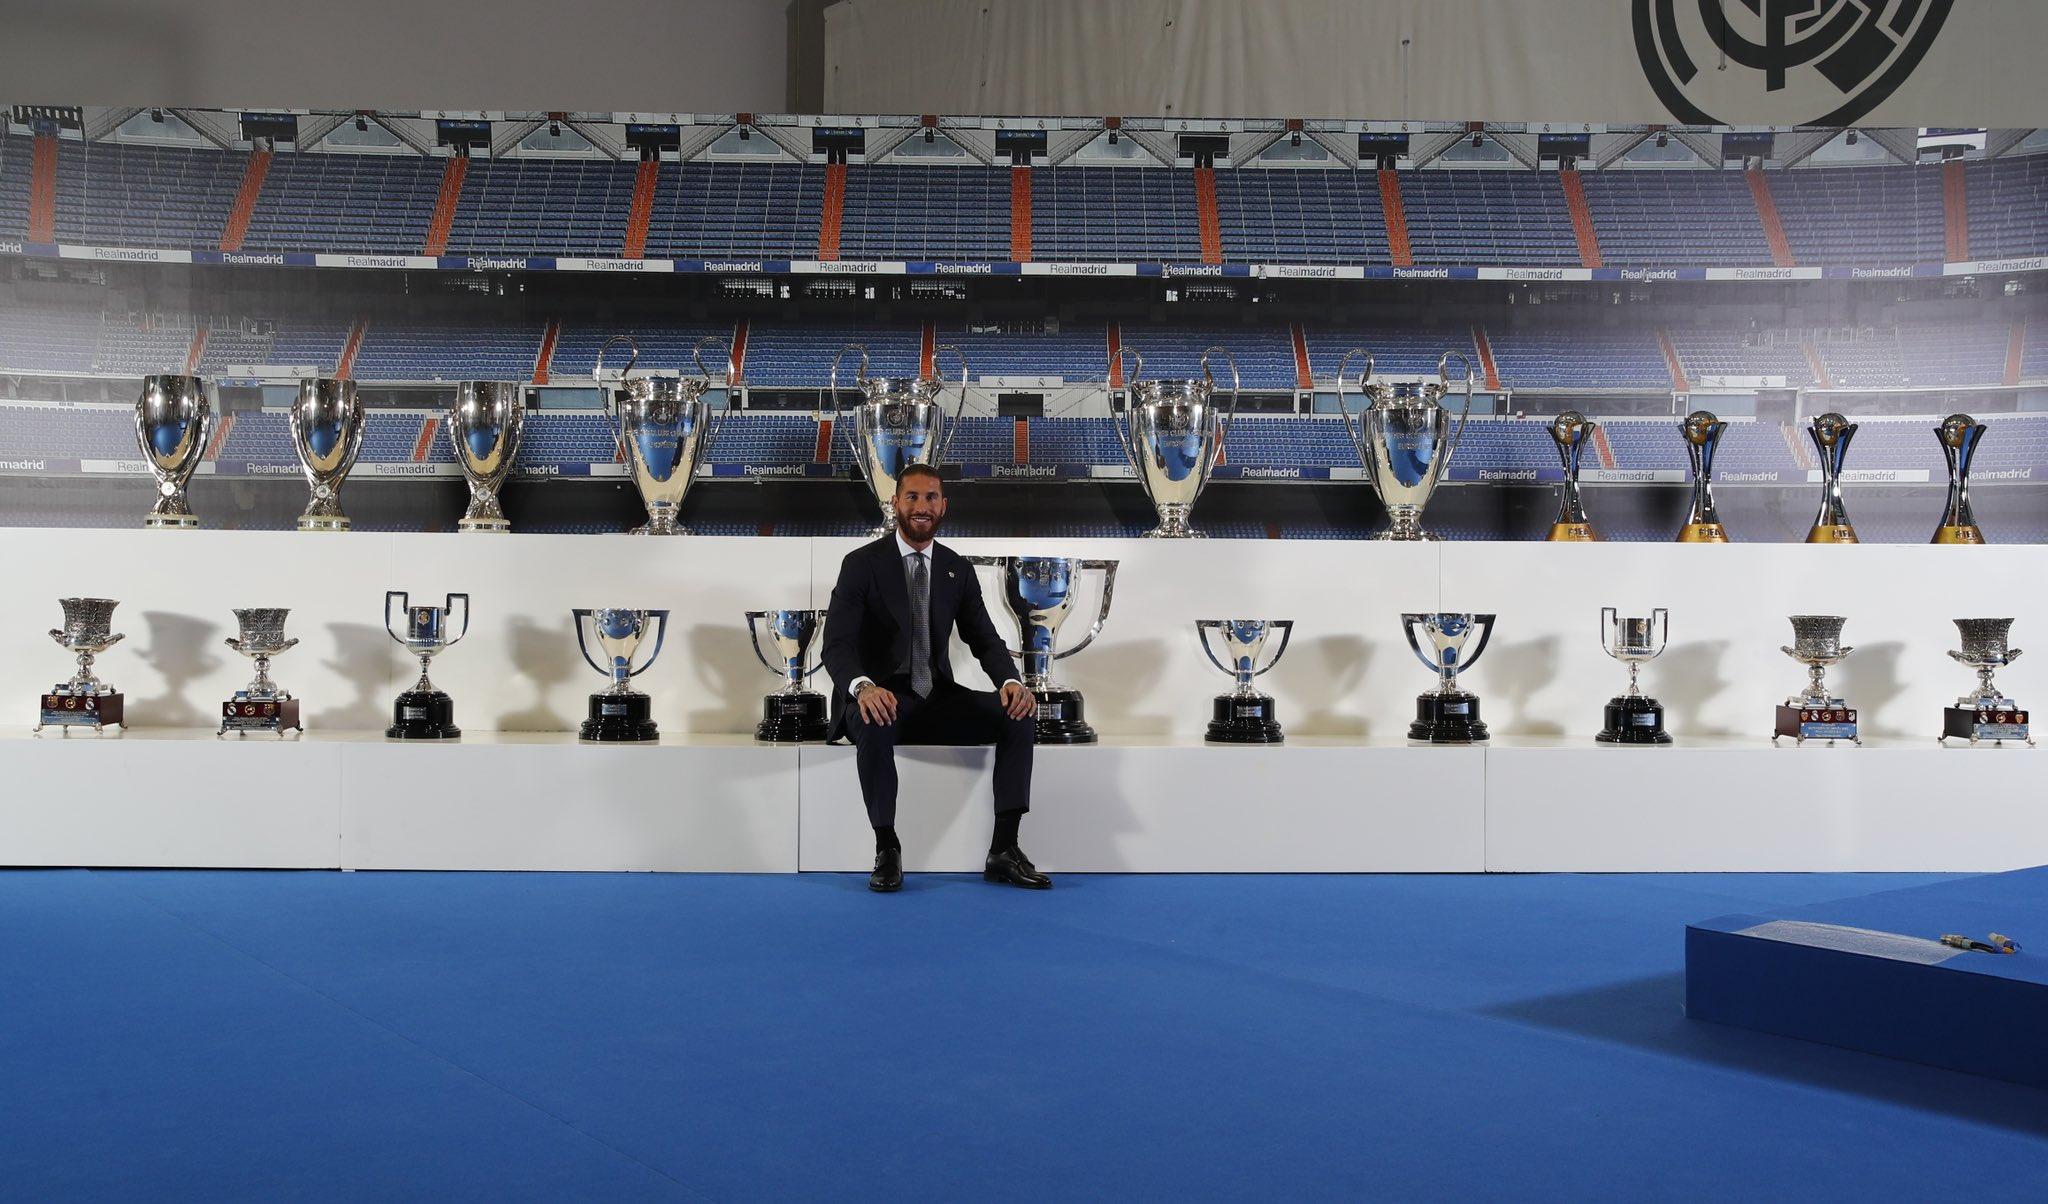 Sergio Ramos' farewell press conference in full - TechnoSports